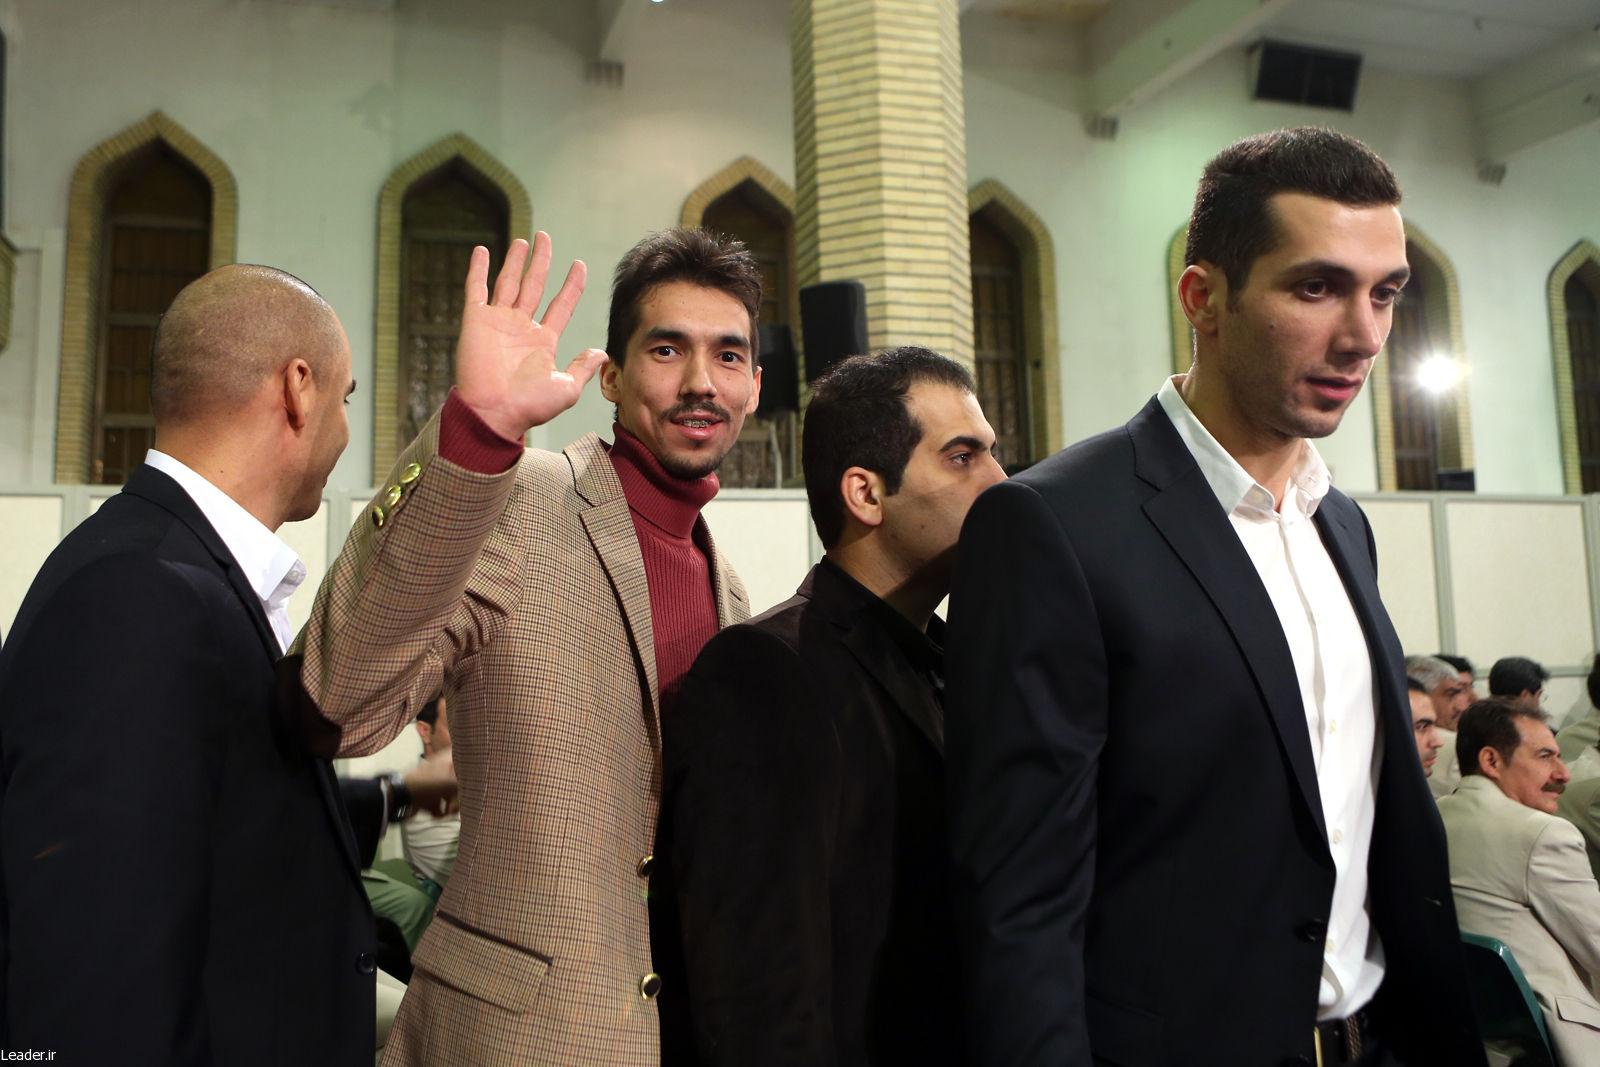 گزارش تصویری از دیدار مردان طلایی والیبال با مقام معظم رهبری